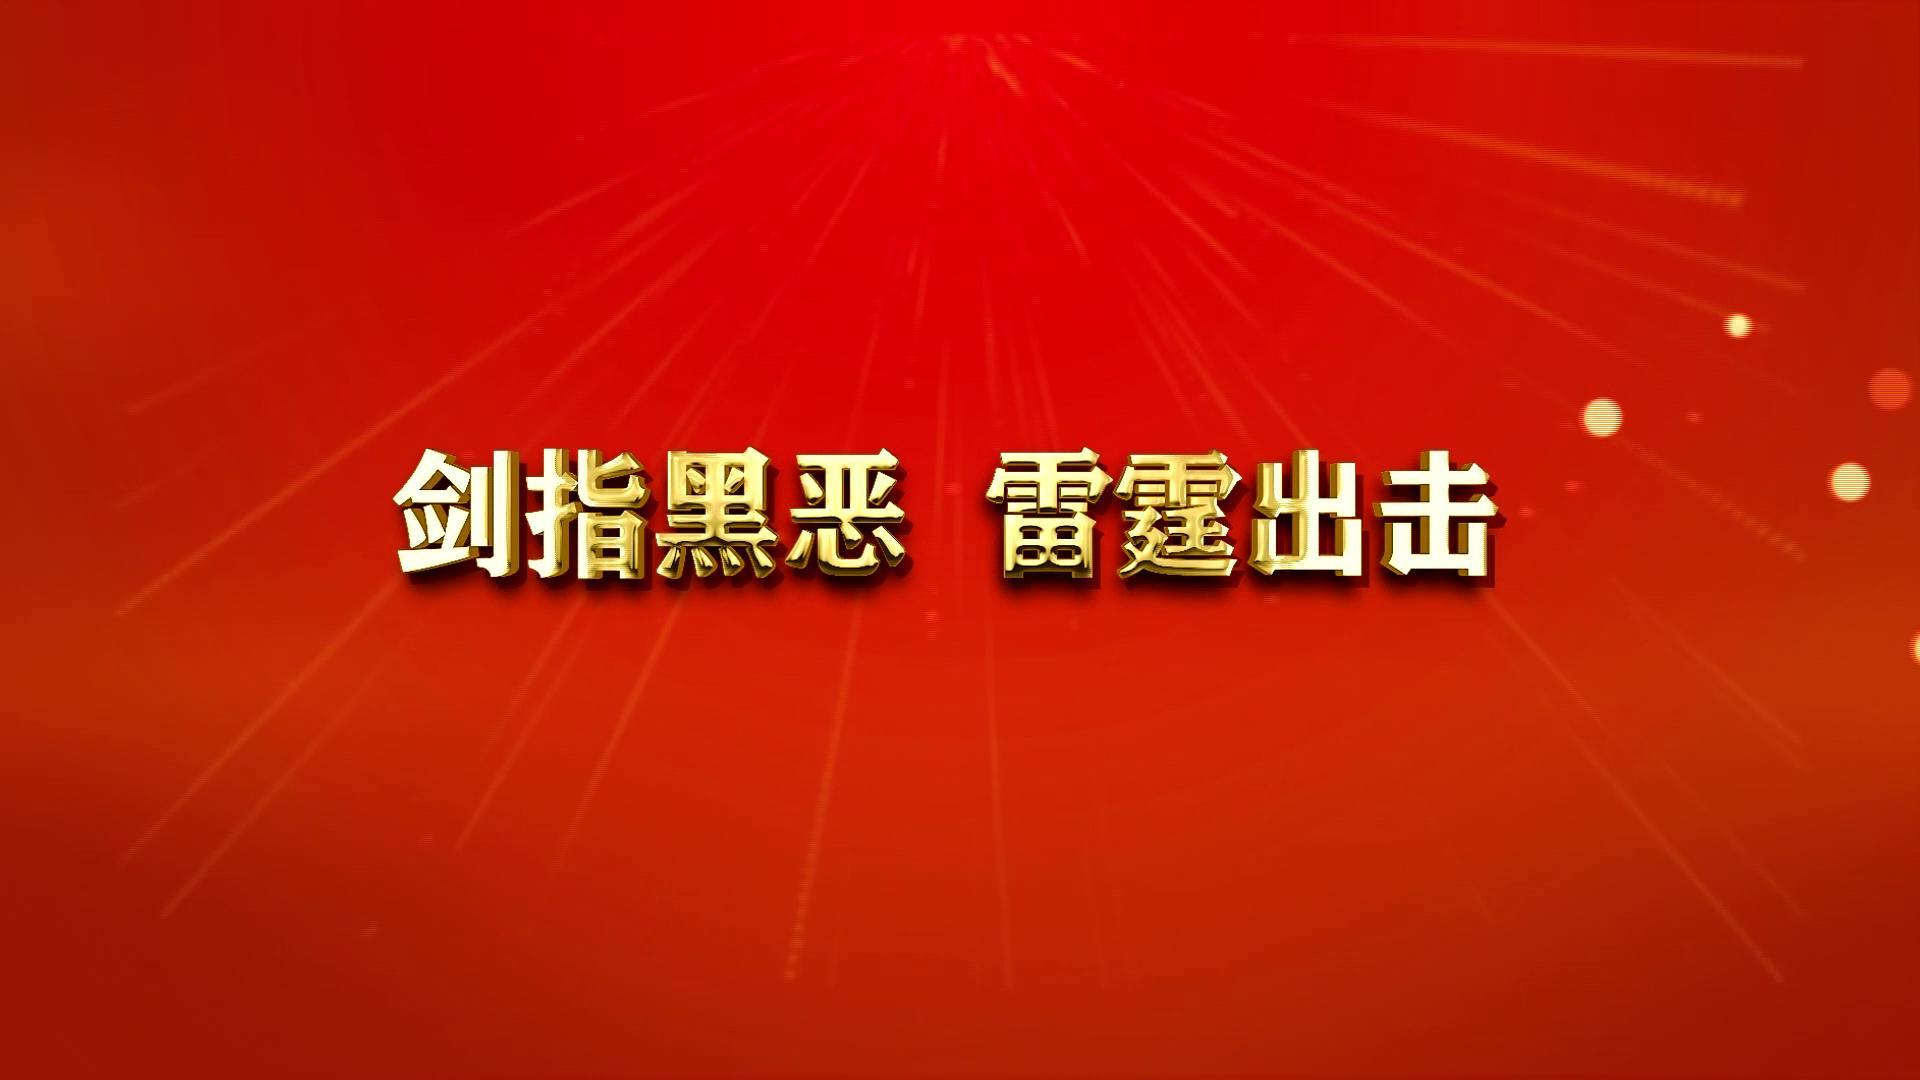 """《扫黑除恶 肇庆""""亮剑""""》——肇庆市扫黑除恶专项斗争成果宣传片"""